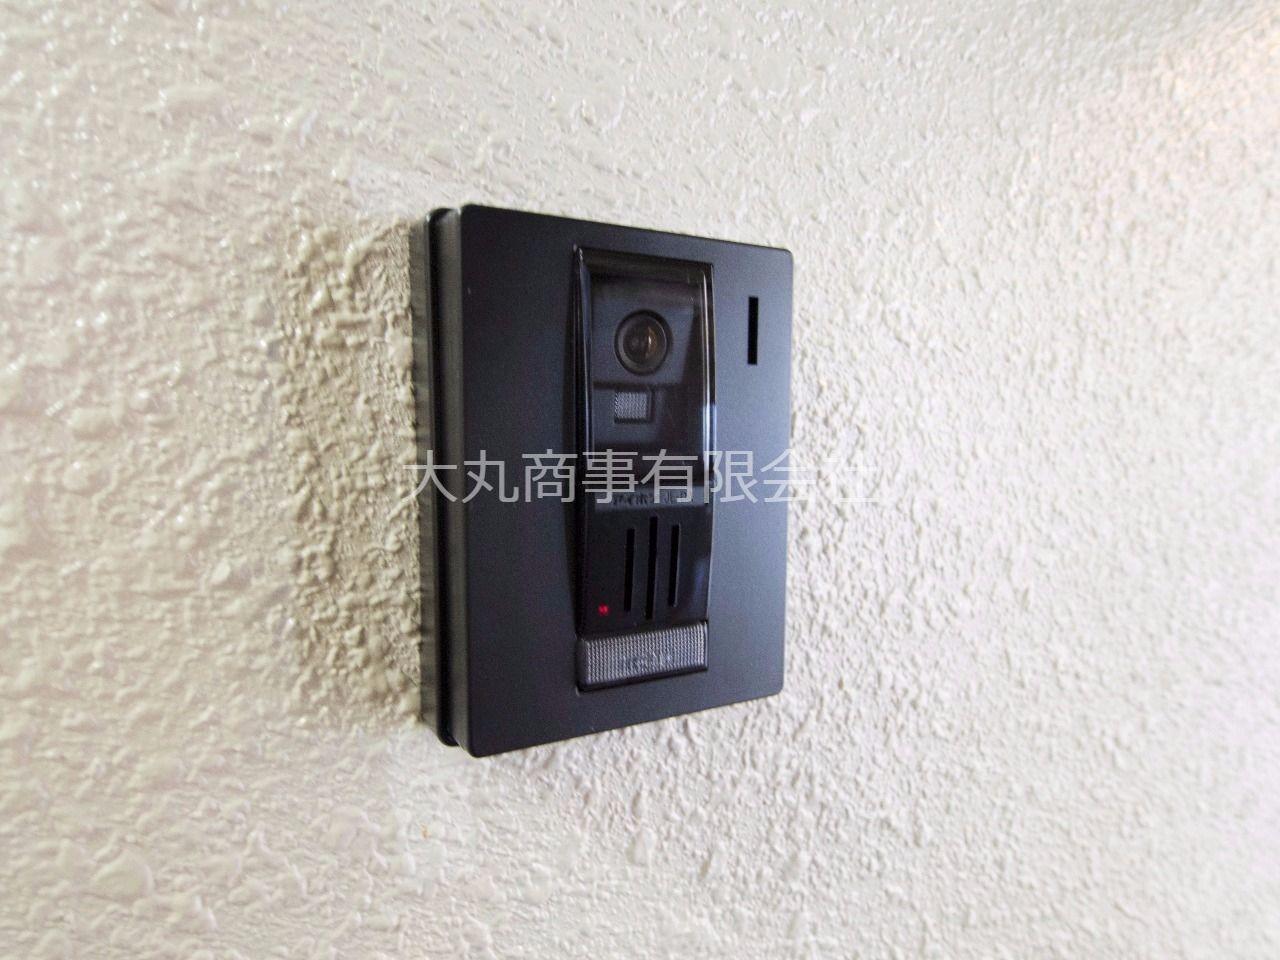 玄関のインターホンはカメラ付で安心